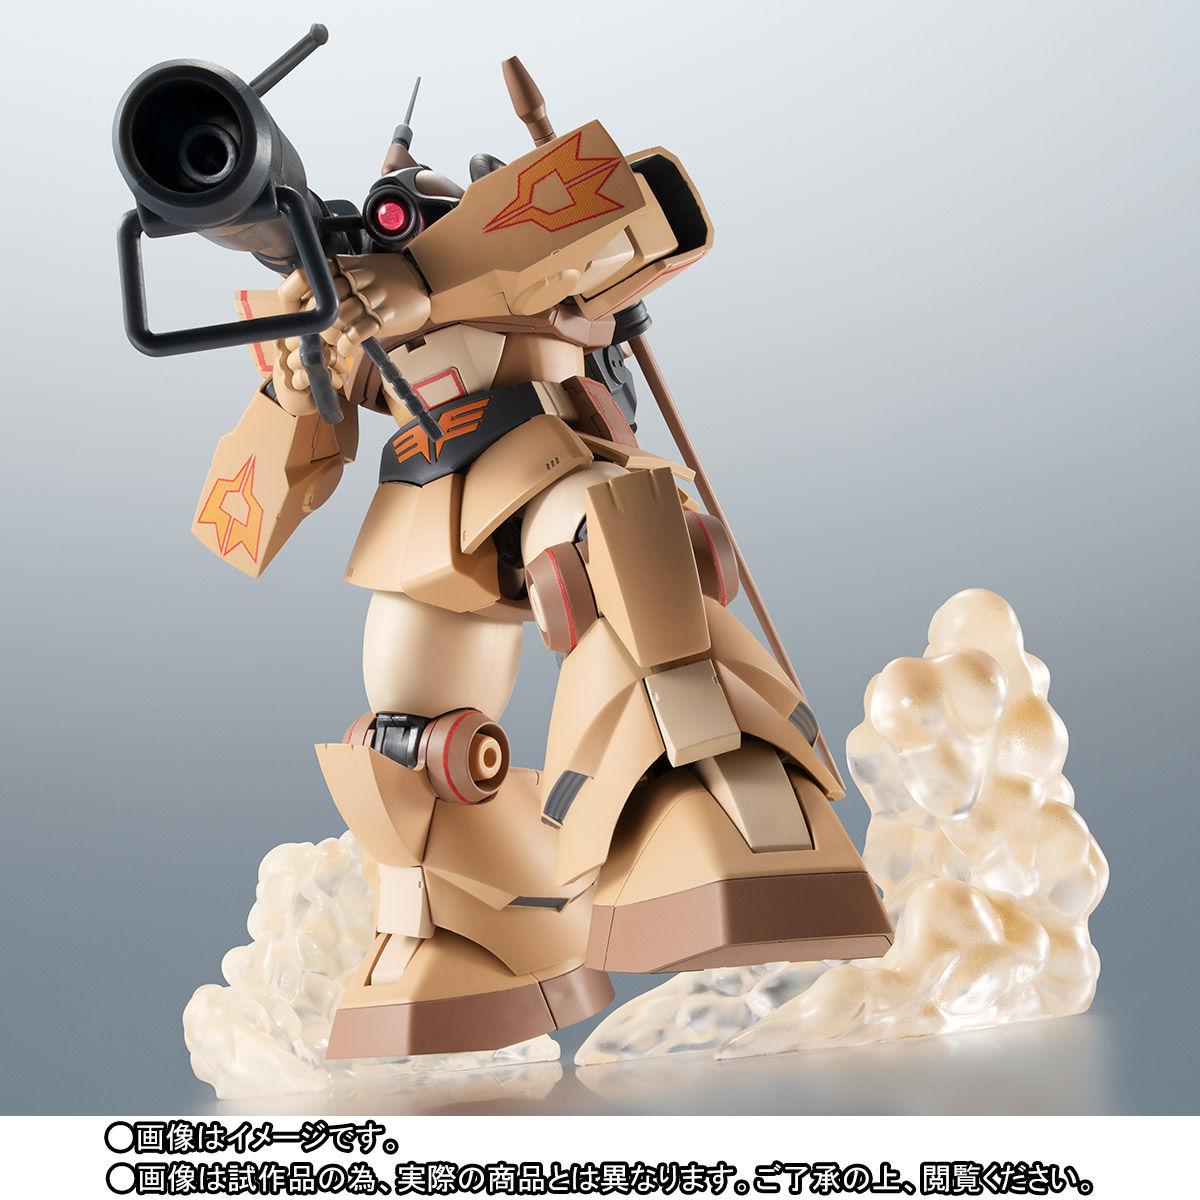 ROBOT魂〈SIDE MS〉『YMS-09D ドム・トロピカルテストタイプ ver. A.N.I.M.E.』ガンダムMSV 可動フィギュア-006